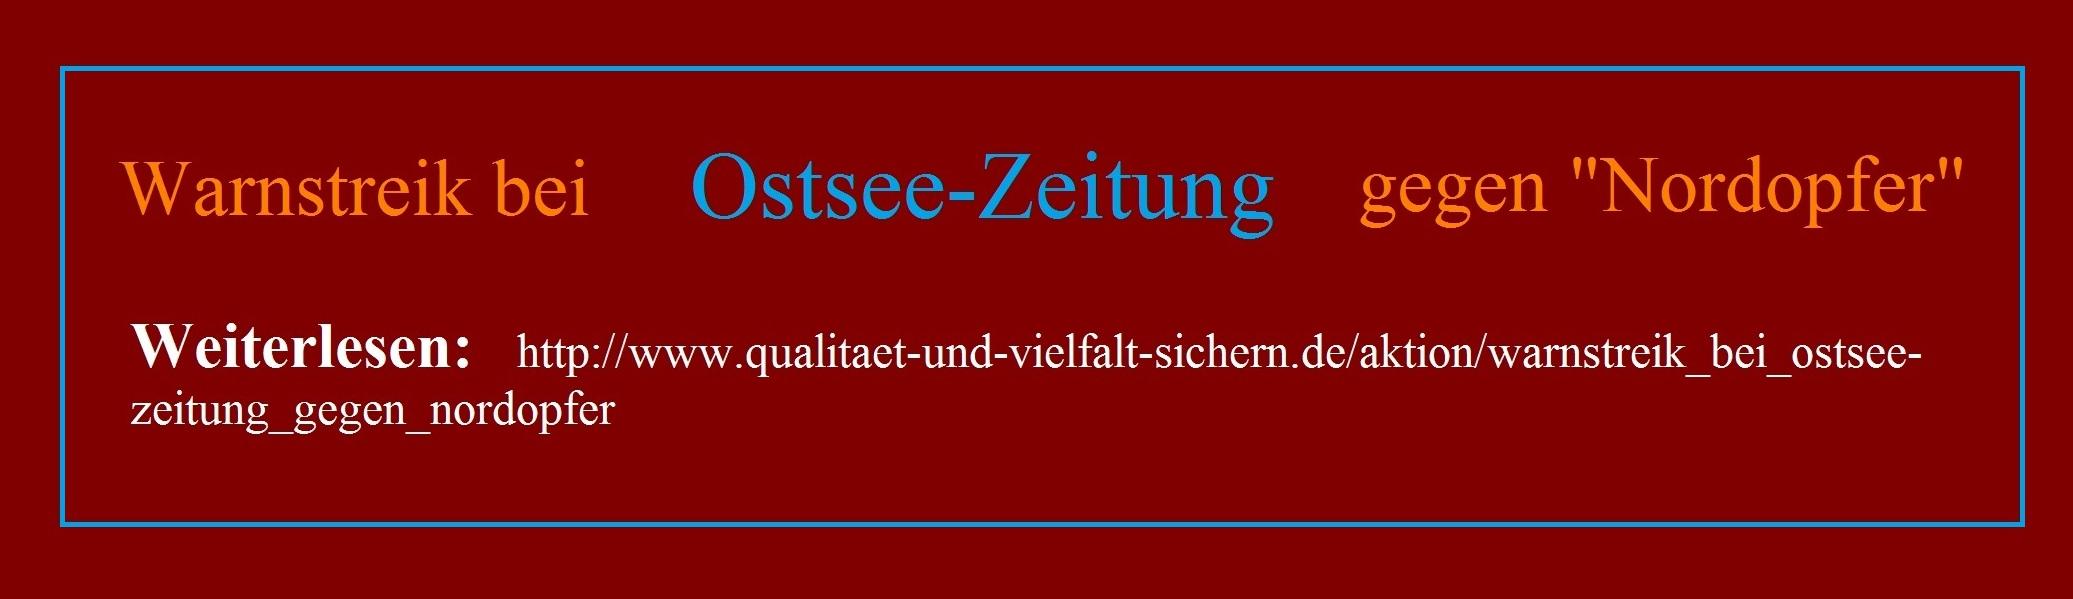 Warnstreik bei der Ostsee-Zeitung wegen Nordopfer | Weiterlesen: http://www.qualitaet-und-vielfalt-sichern.de/aktion/warnstreik_bei_ostsee-zeitung_gegen_nordopfer